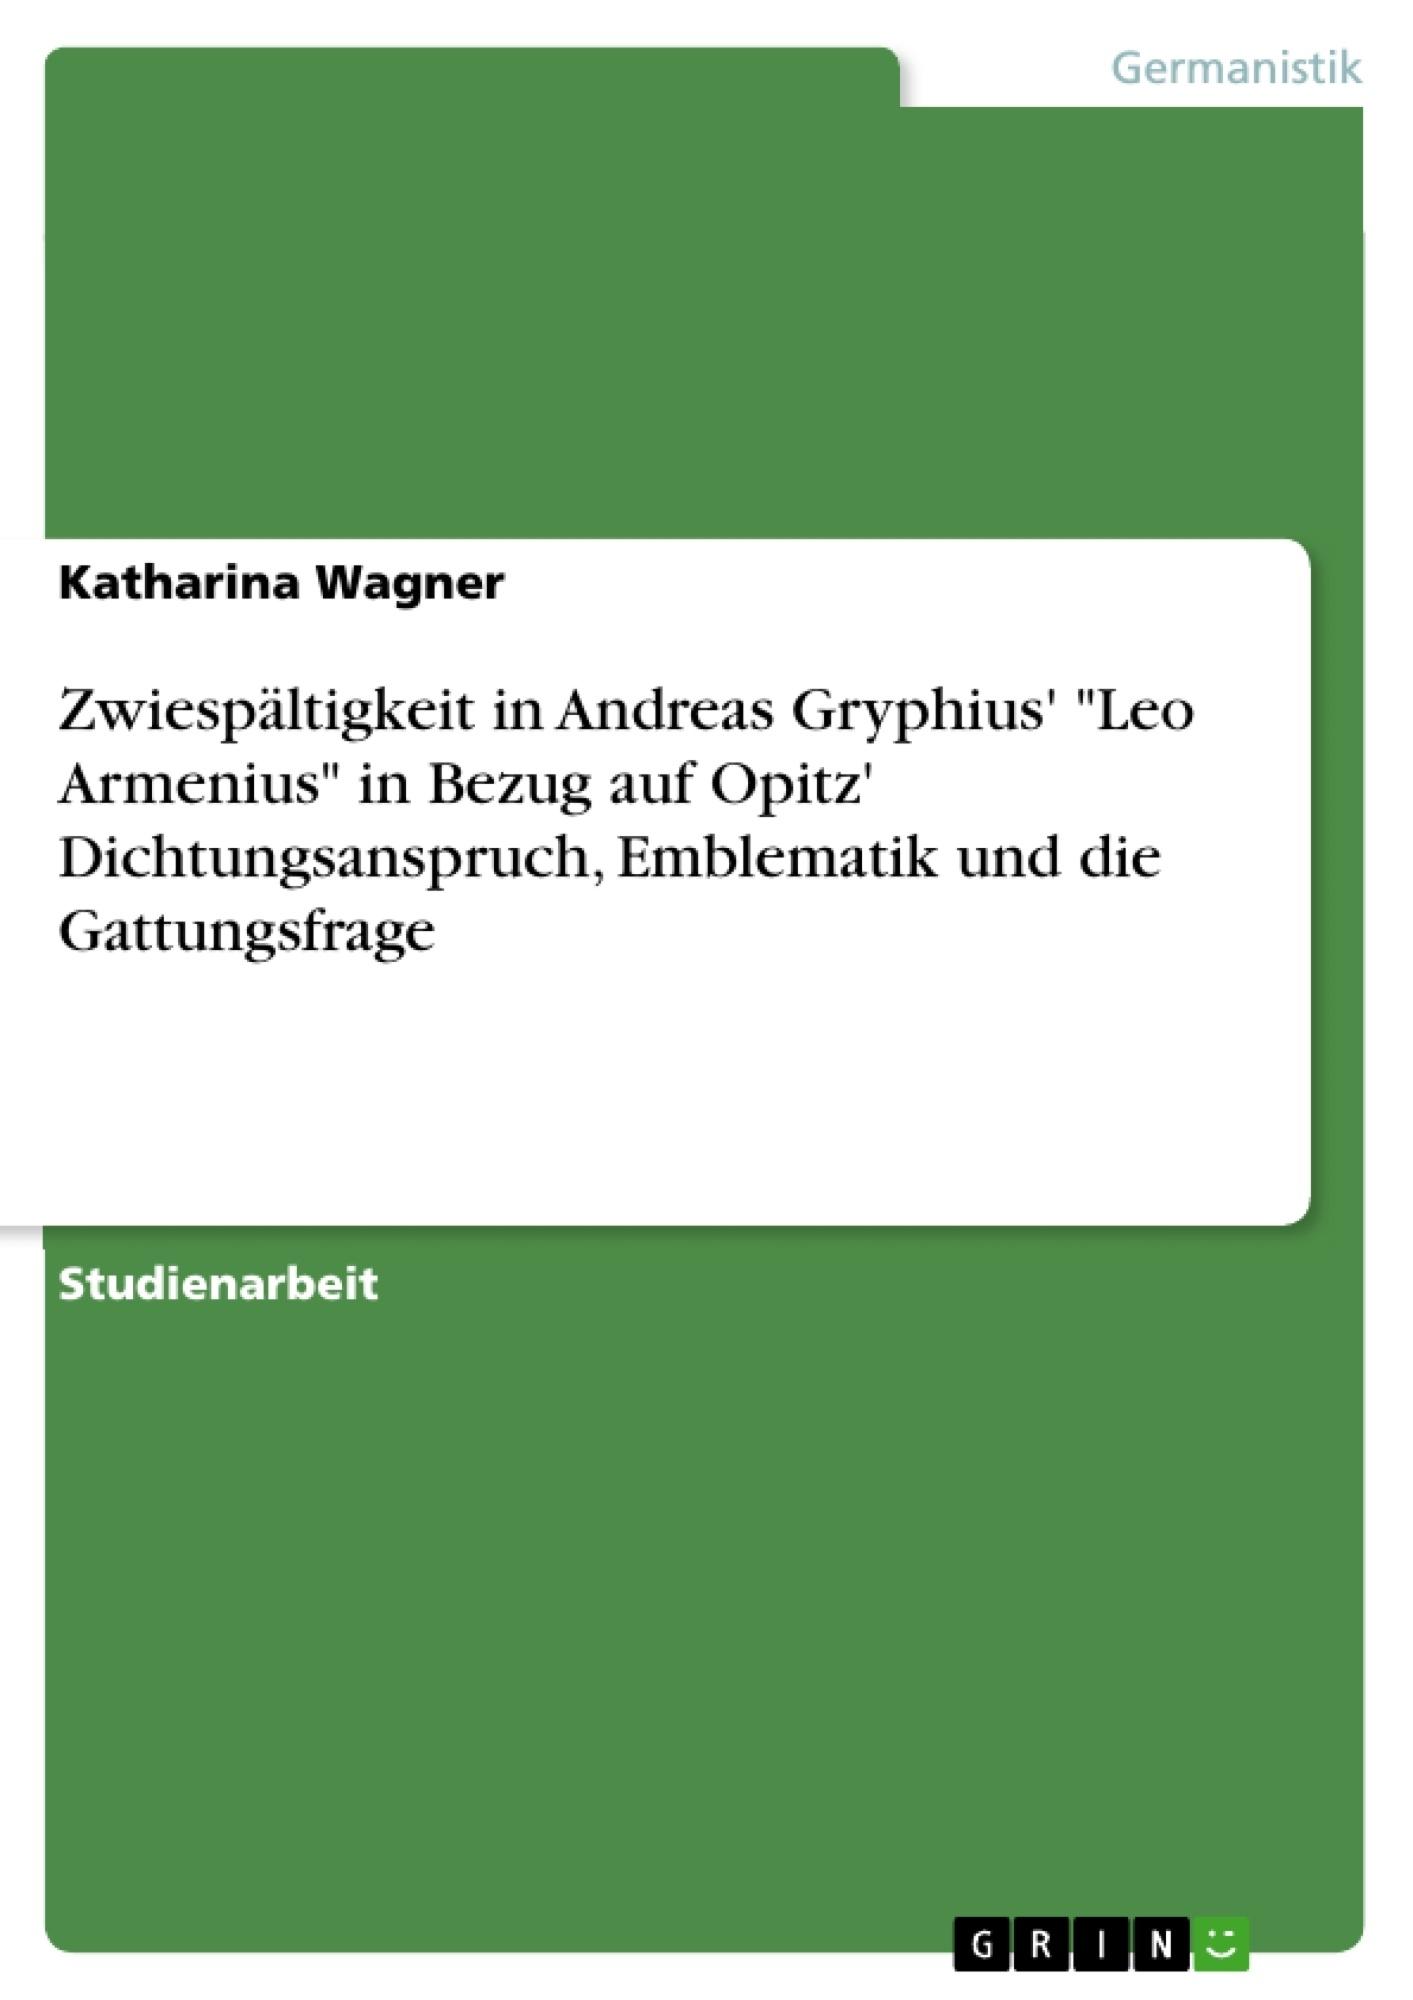 """Titel: Zwiespältigkeit in Andreas Gryphius' """"Leo Armenius"""" in Bezug auf Opitz' Dichtungsanspruch, Emblematik und die Gattungsfrage"""